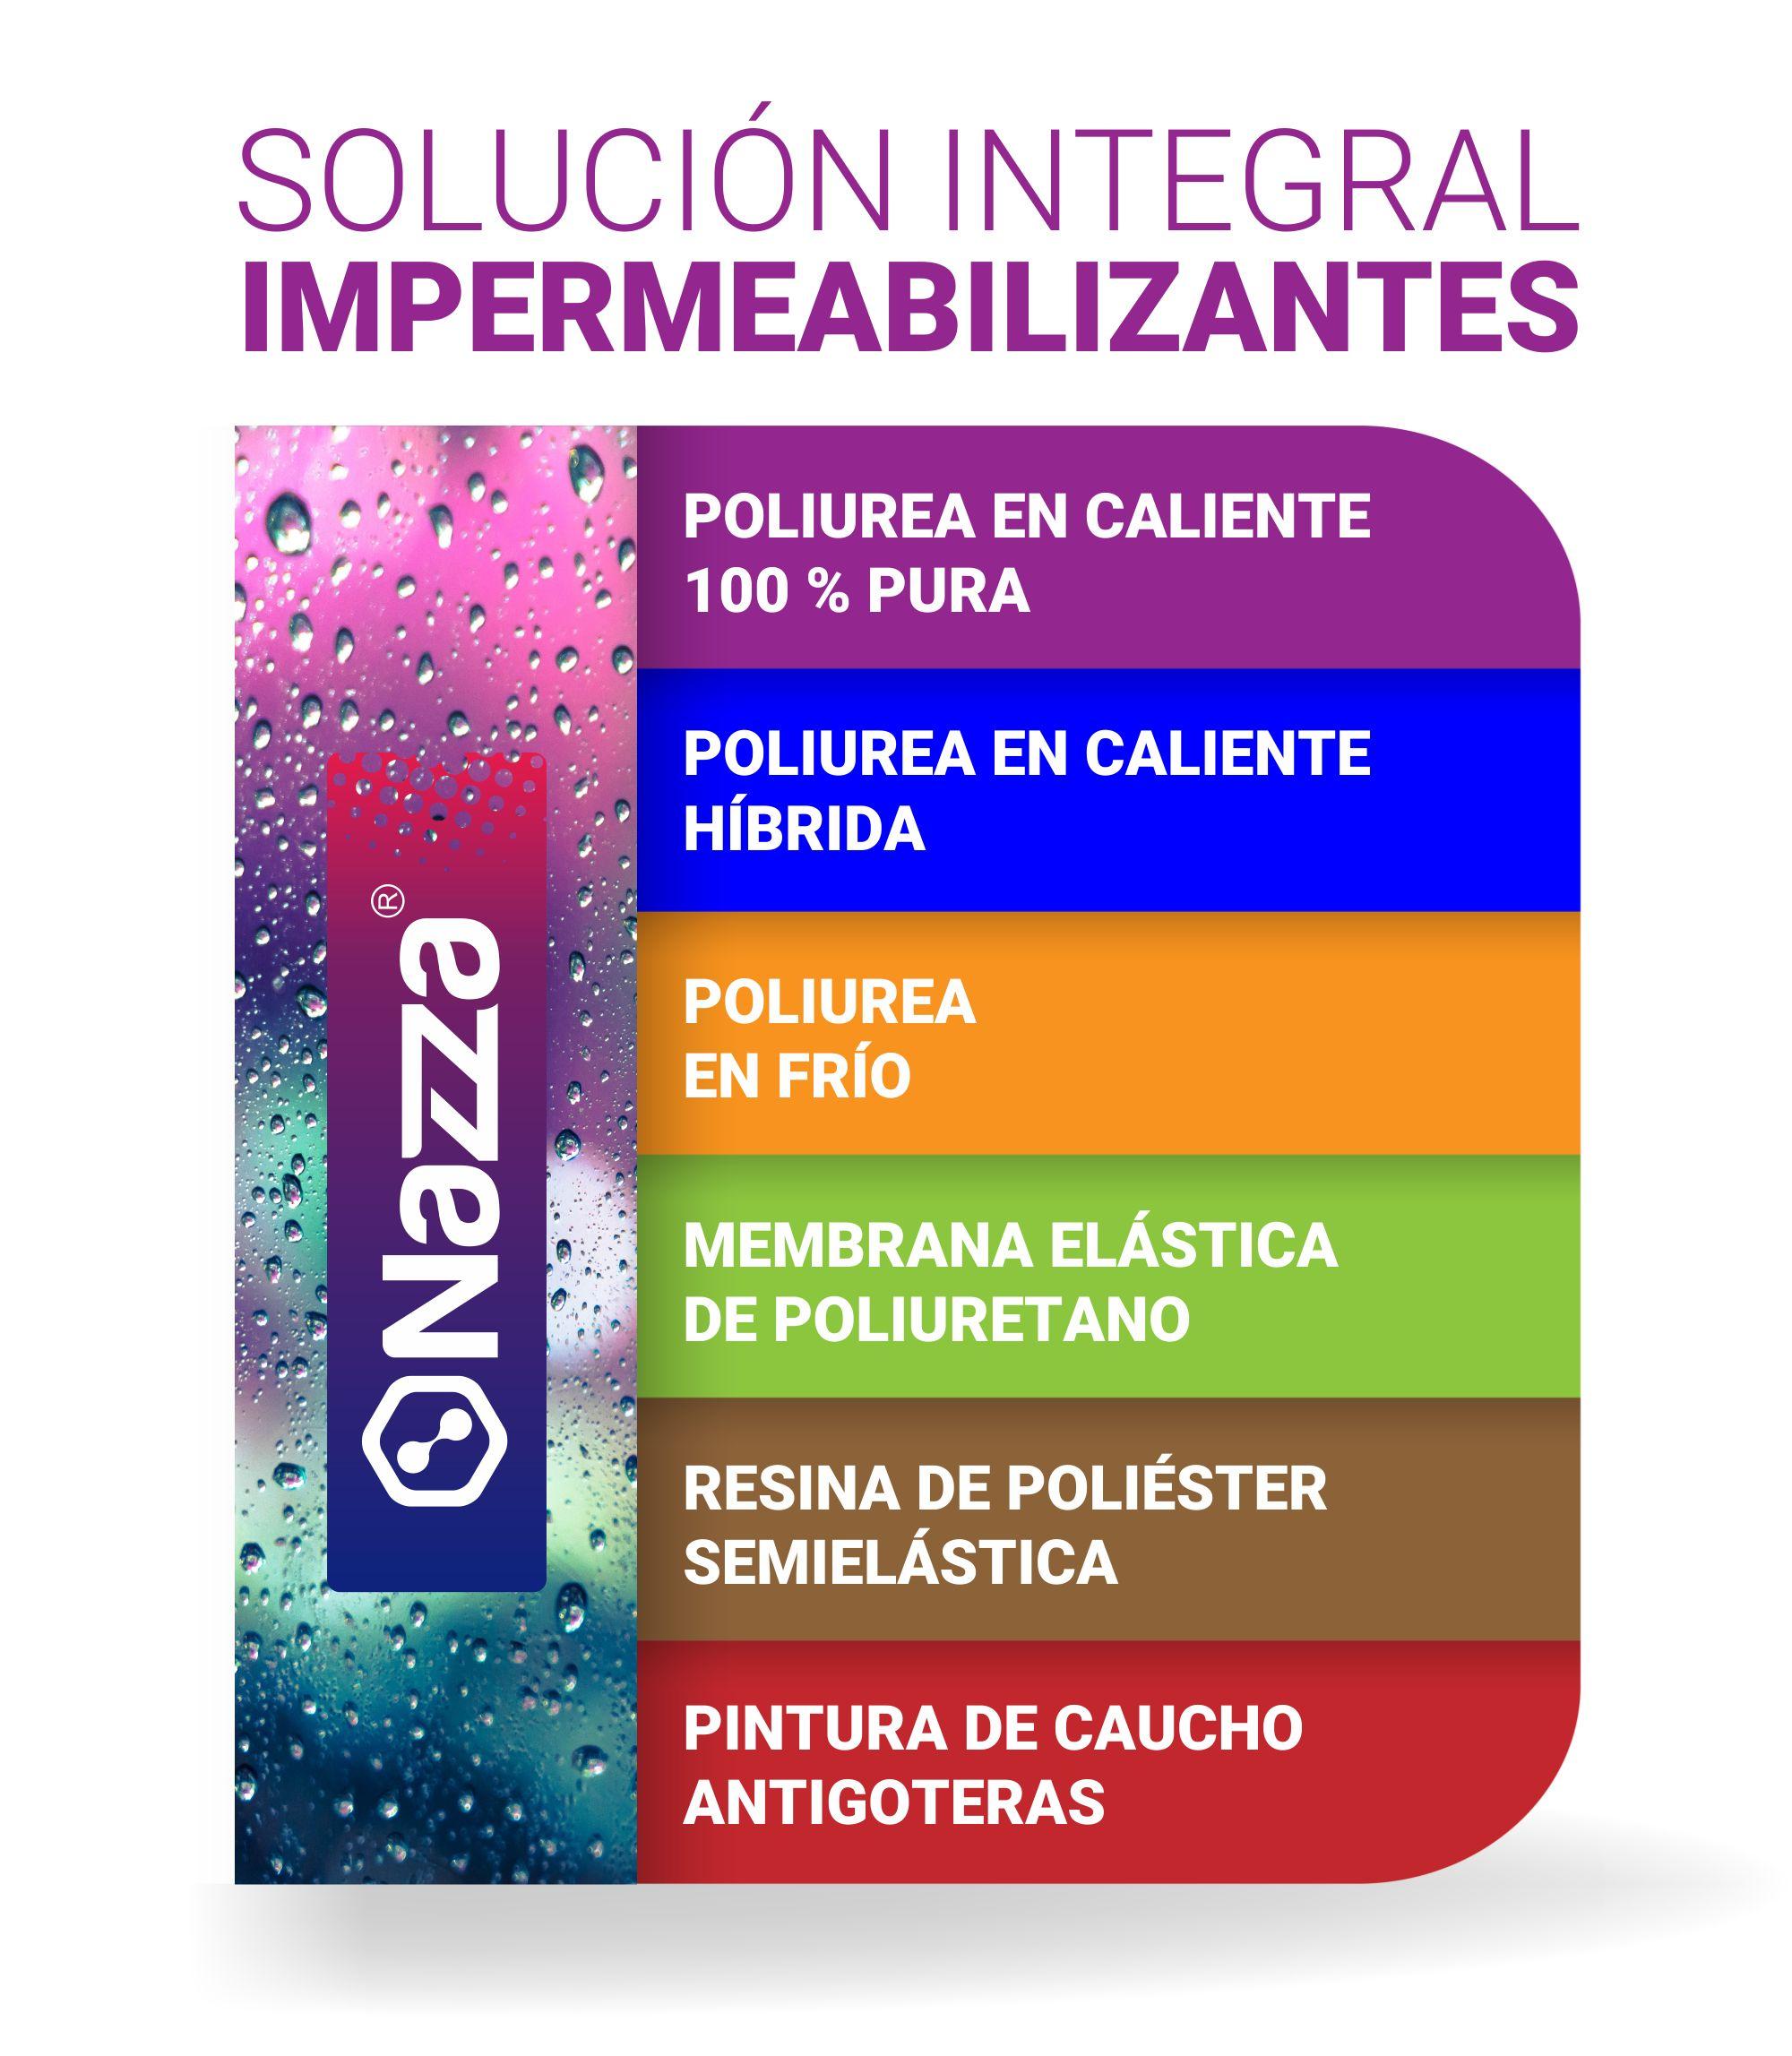 Productos para impermeabilizar cubiertas y azoteas Nazza